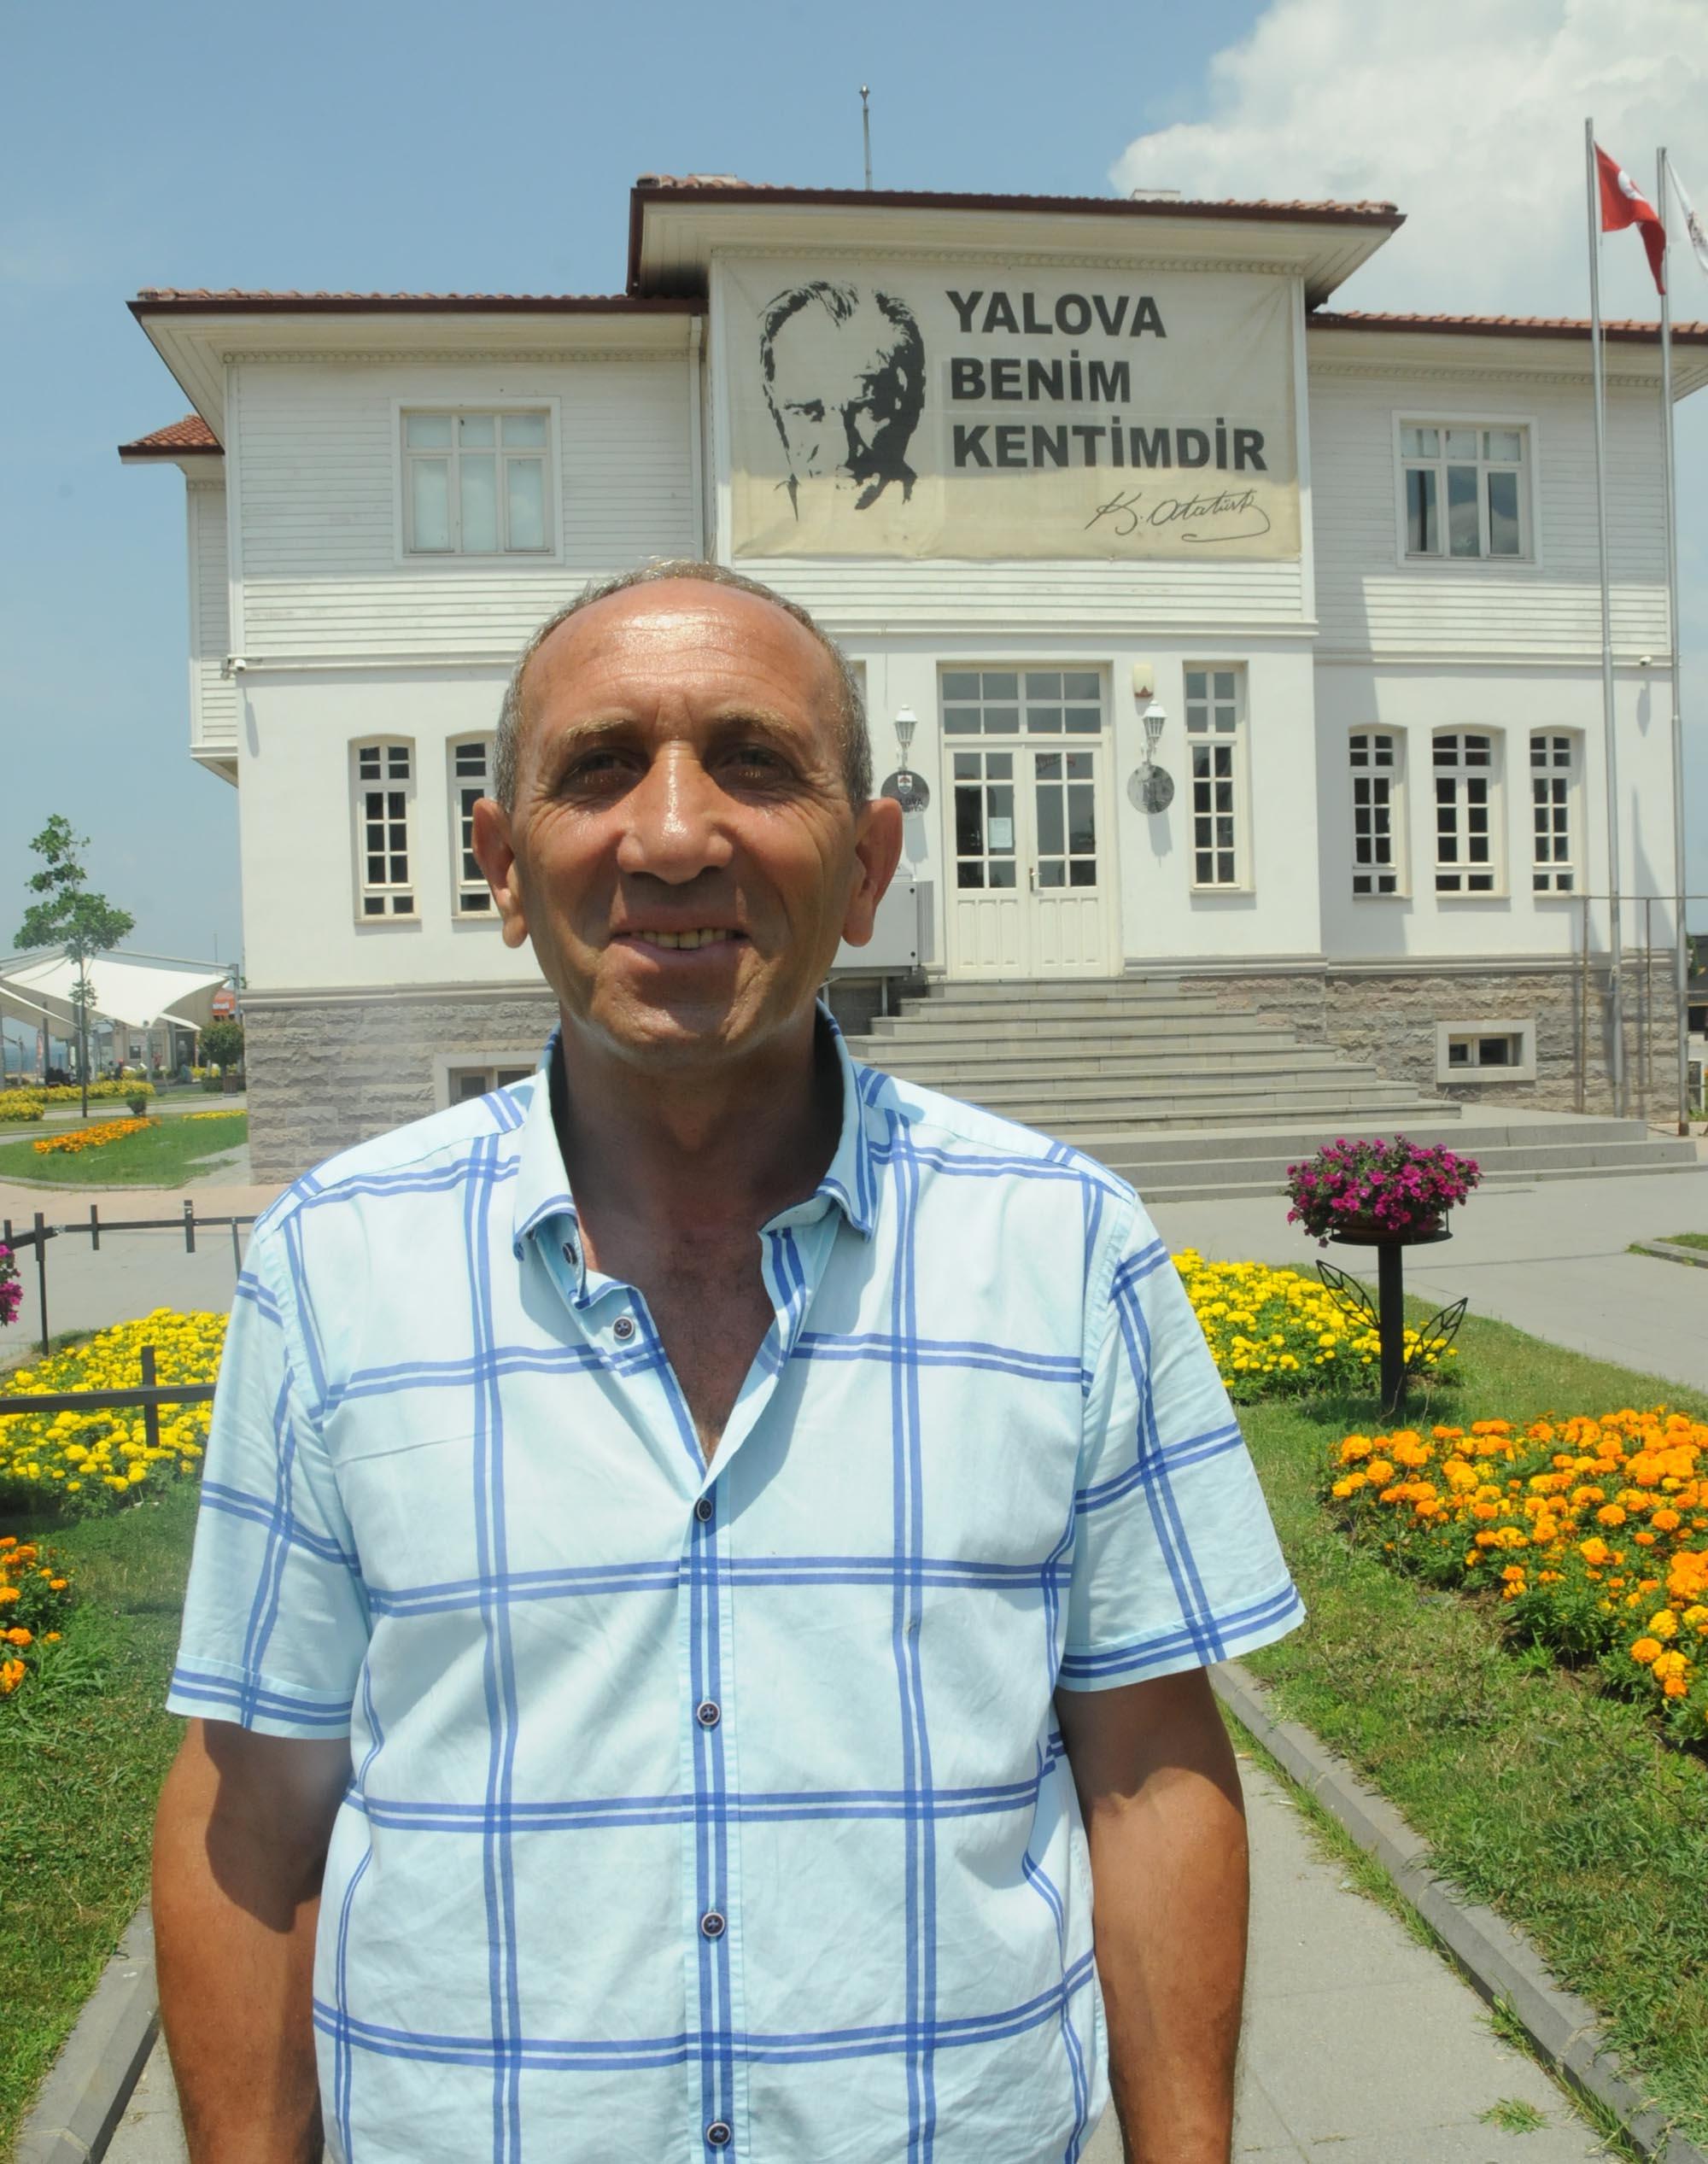 'Bıçakçı Kostas'ın hazinesi için 10 günlük izinli kazı